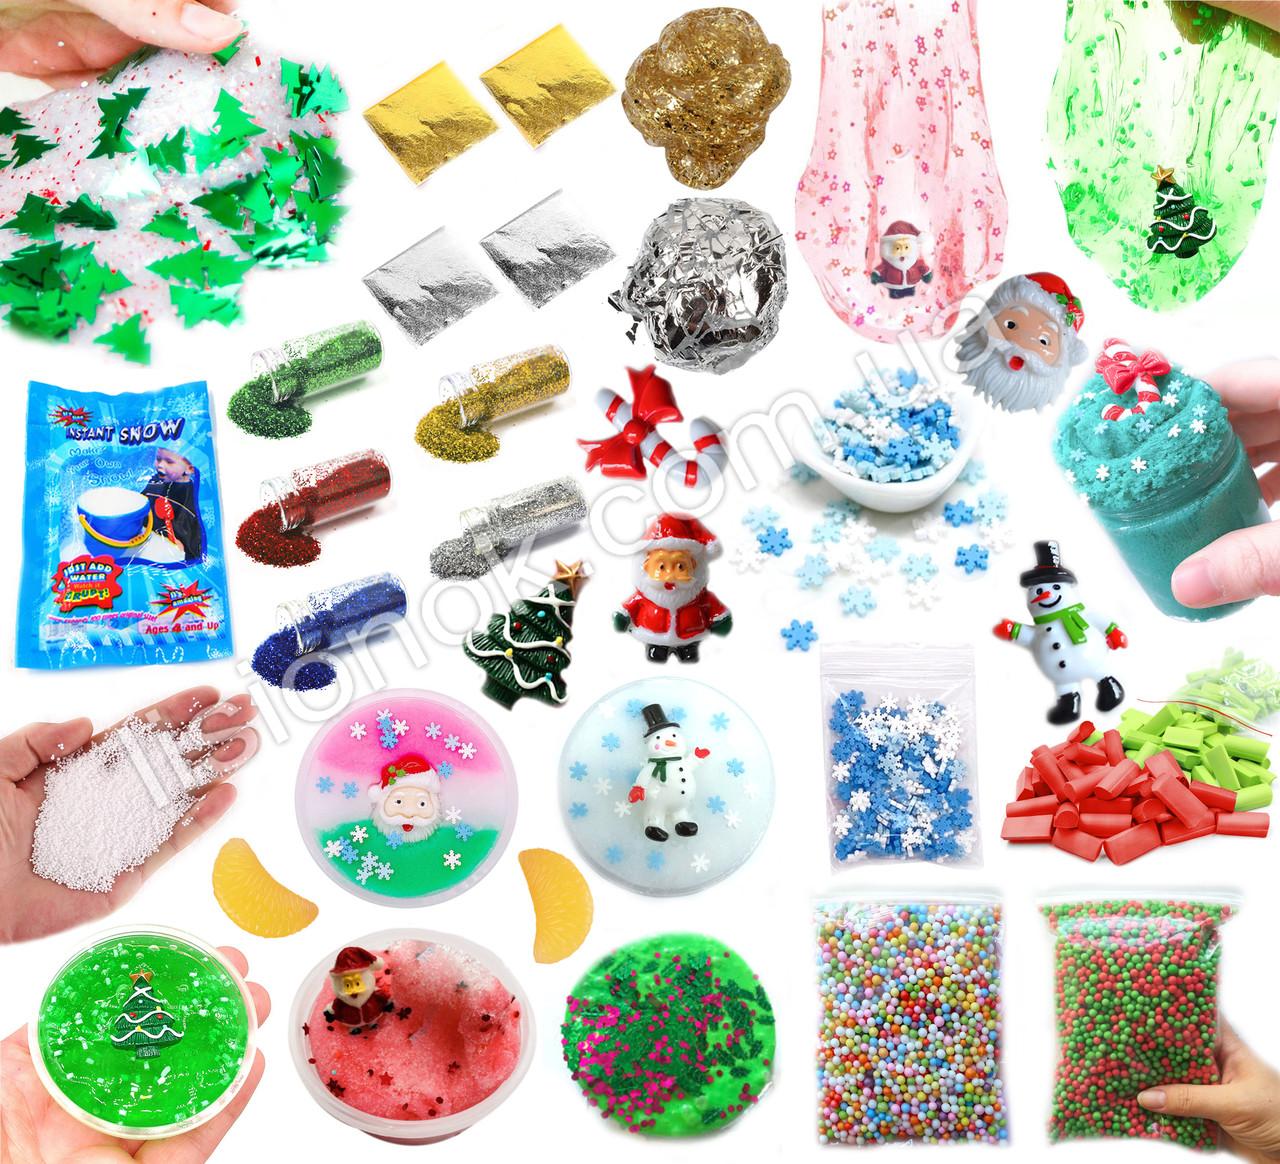 Новорічний Slime box набір добавок для слаймів: шарміки, пінопласт, Фоам чанкс, гліттер, баночки